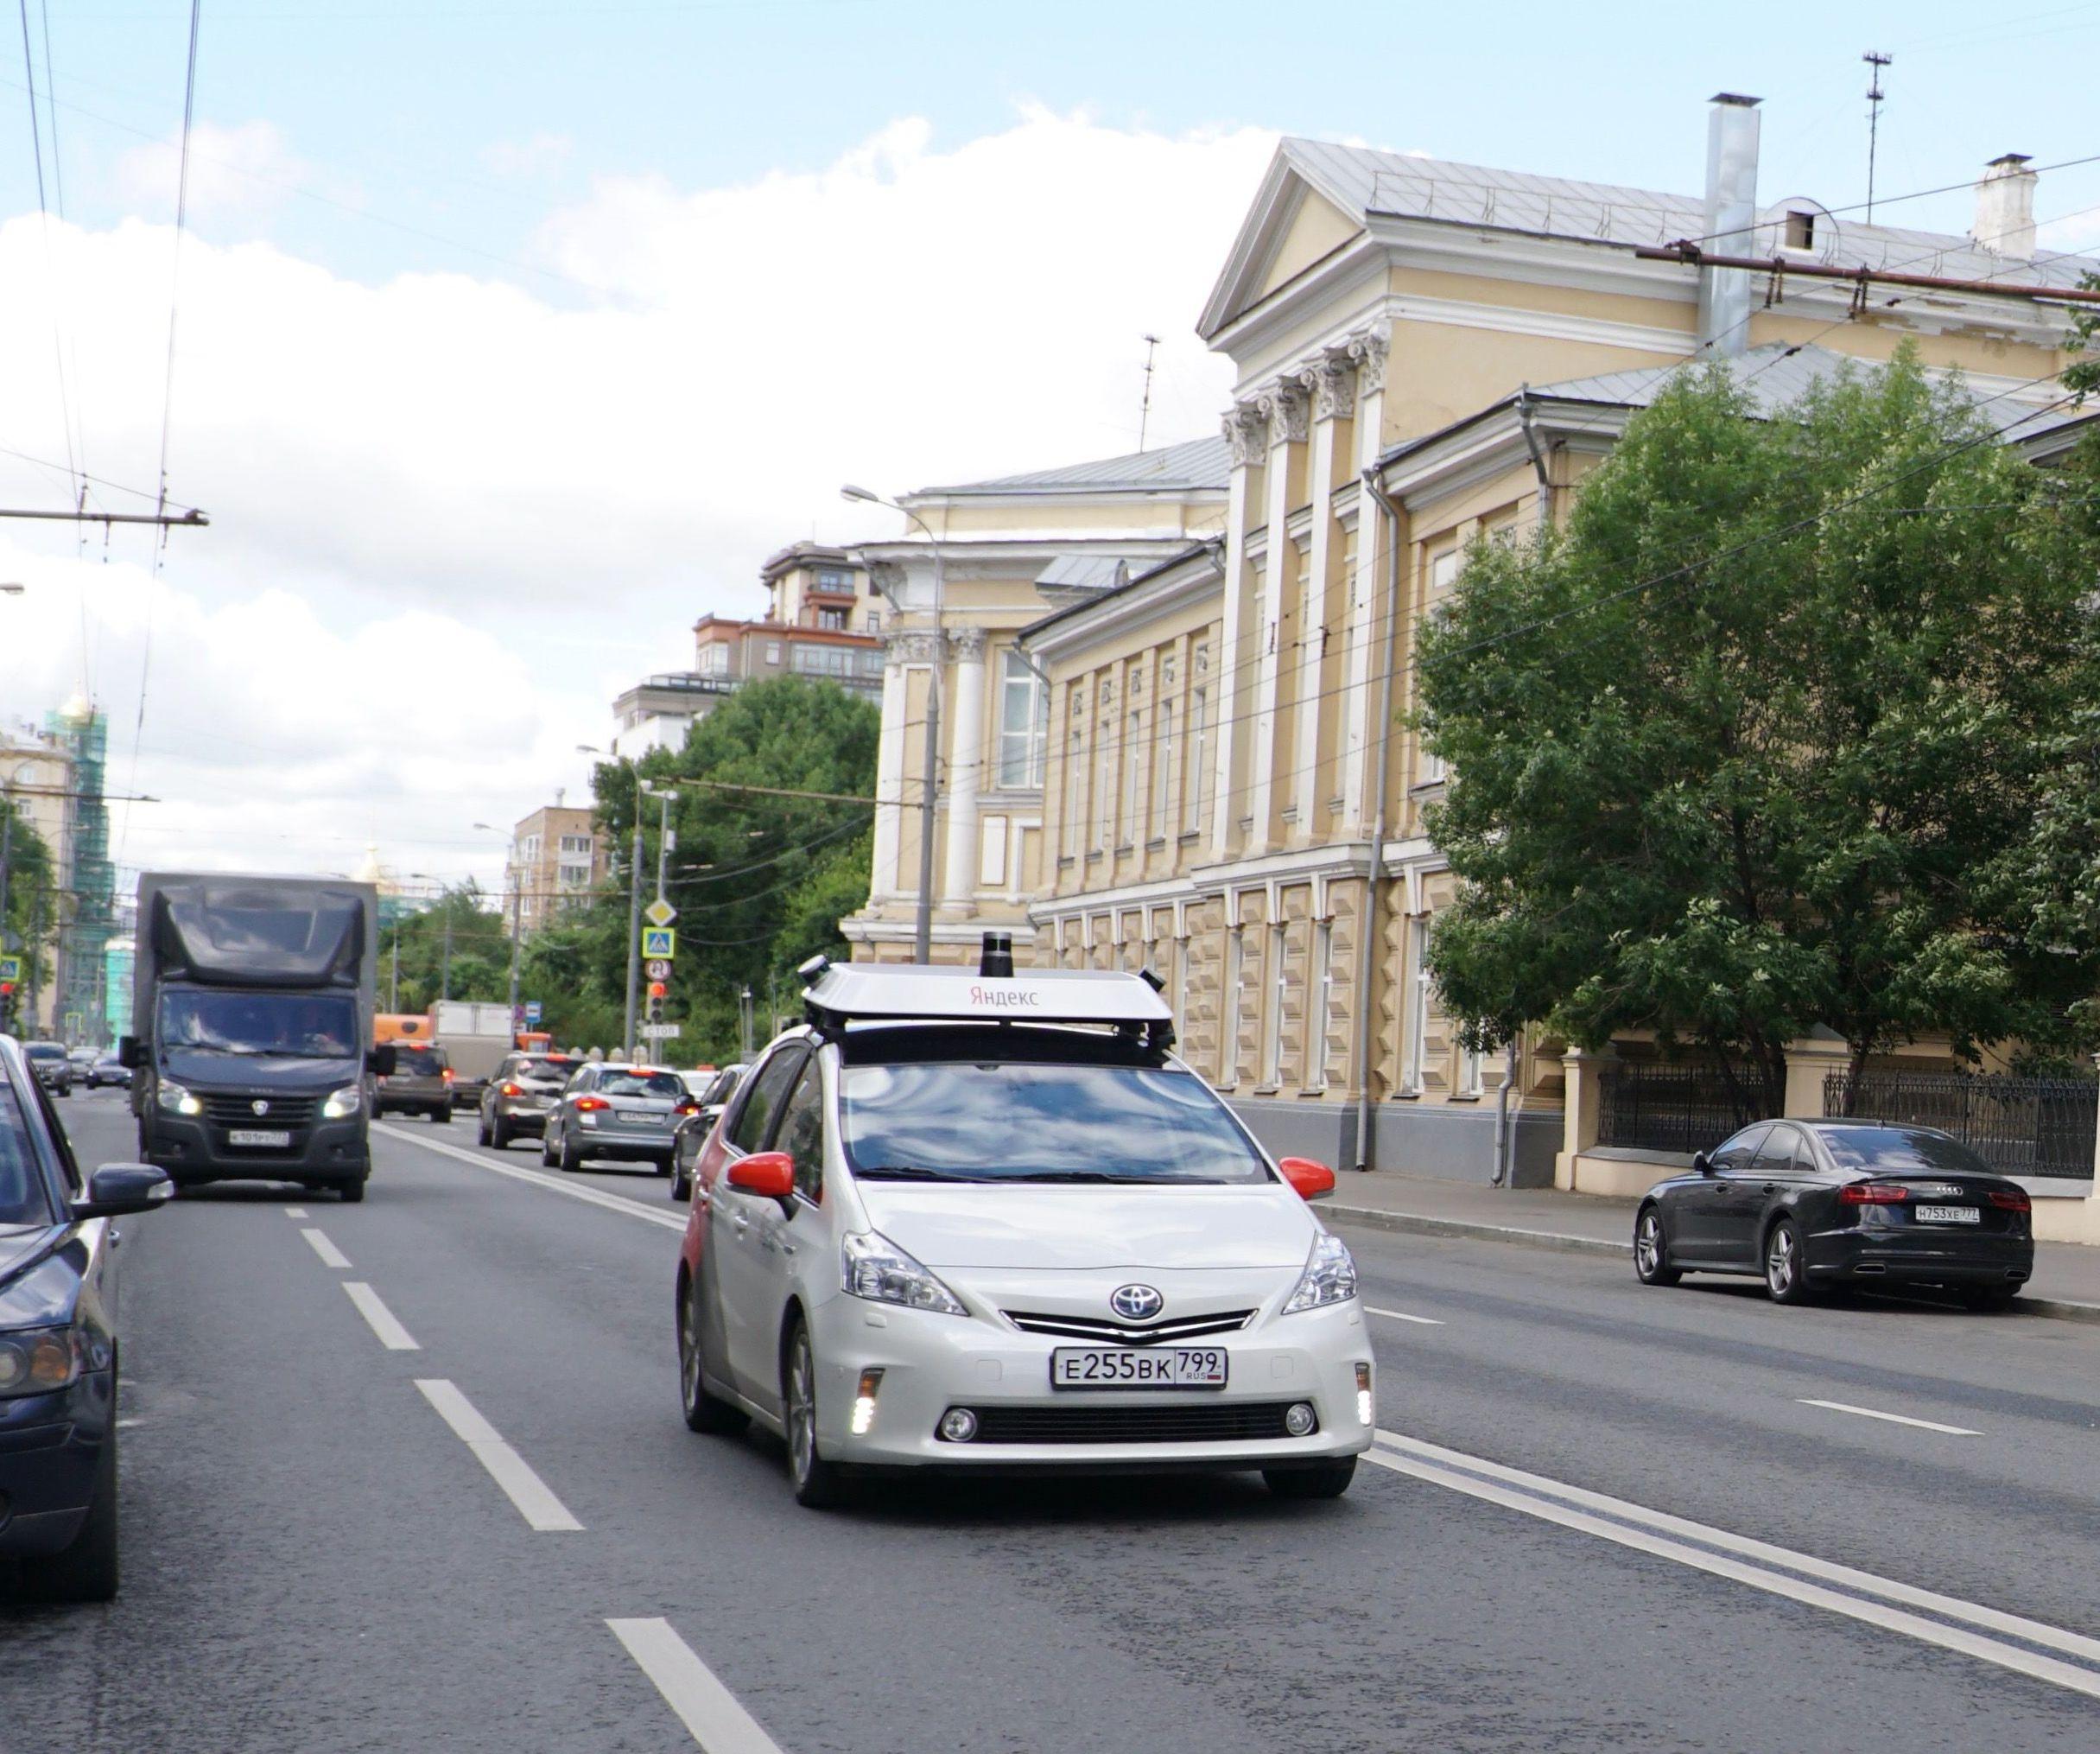 Une voiture autonome de Yandex au centre de Moscou (archive photo)